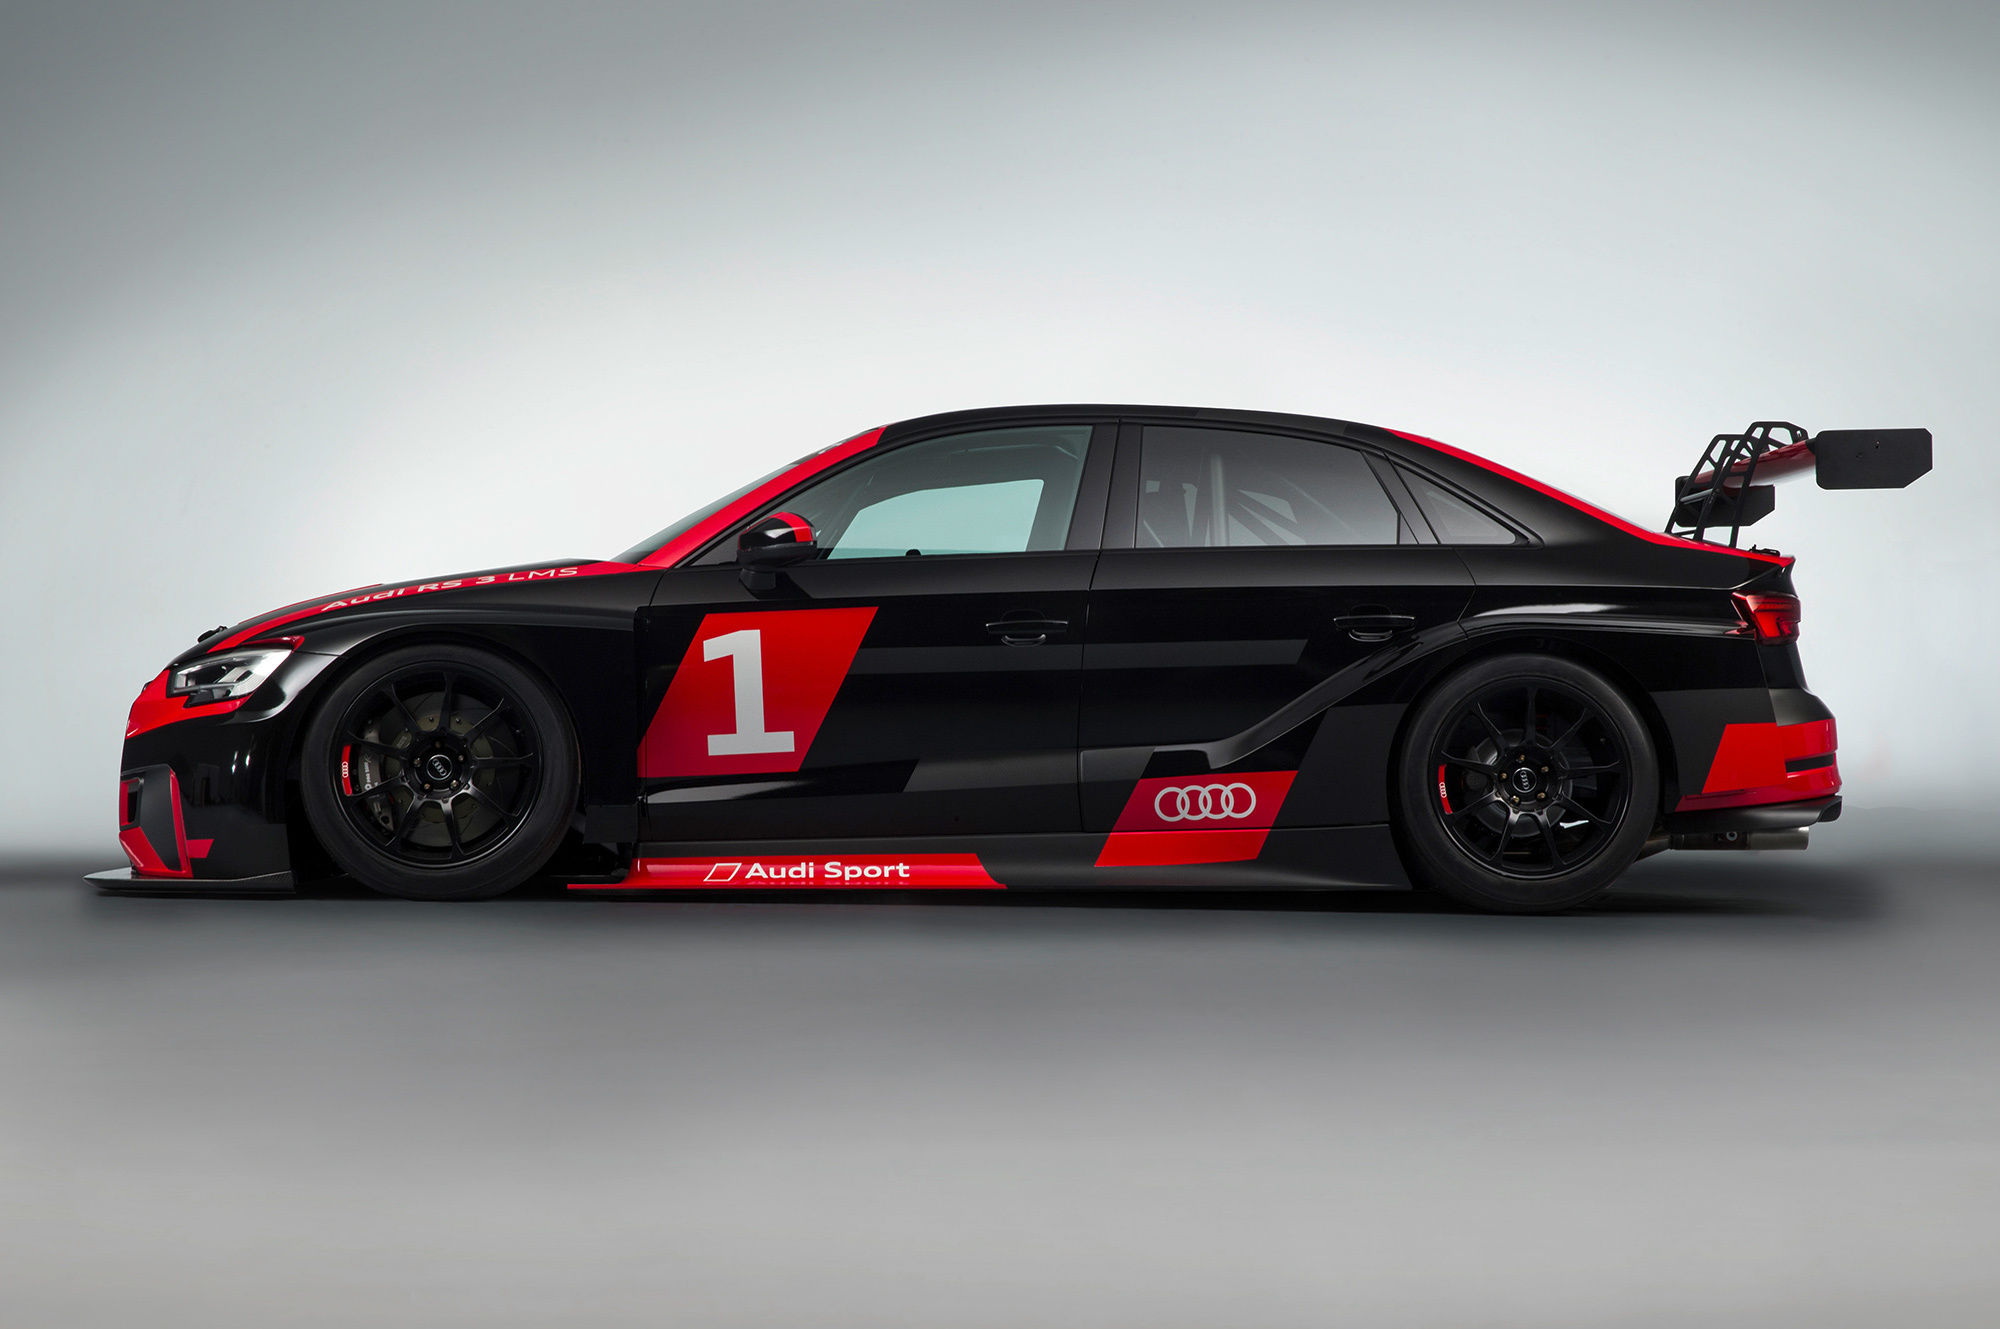 Audi RS 3 Full HD